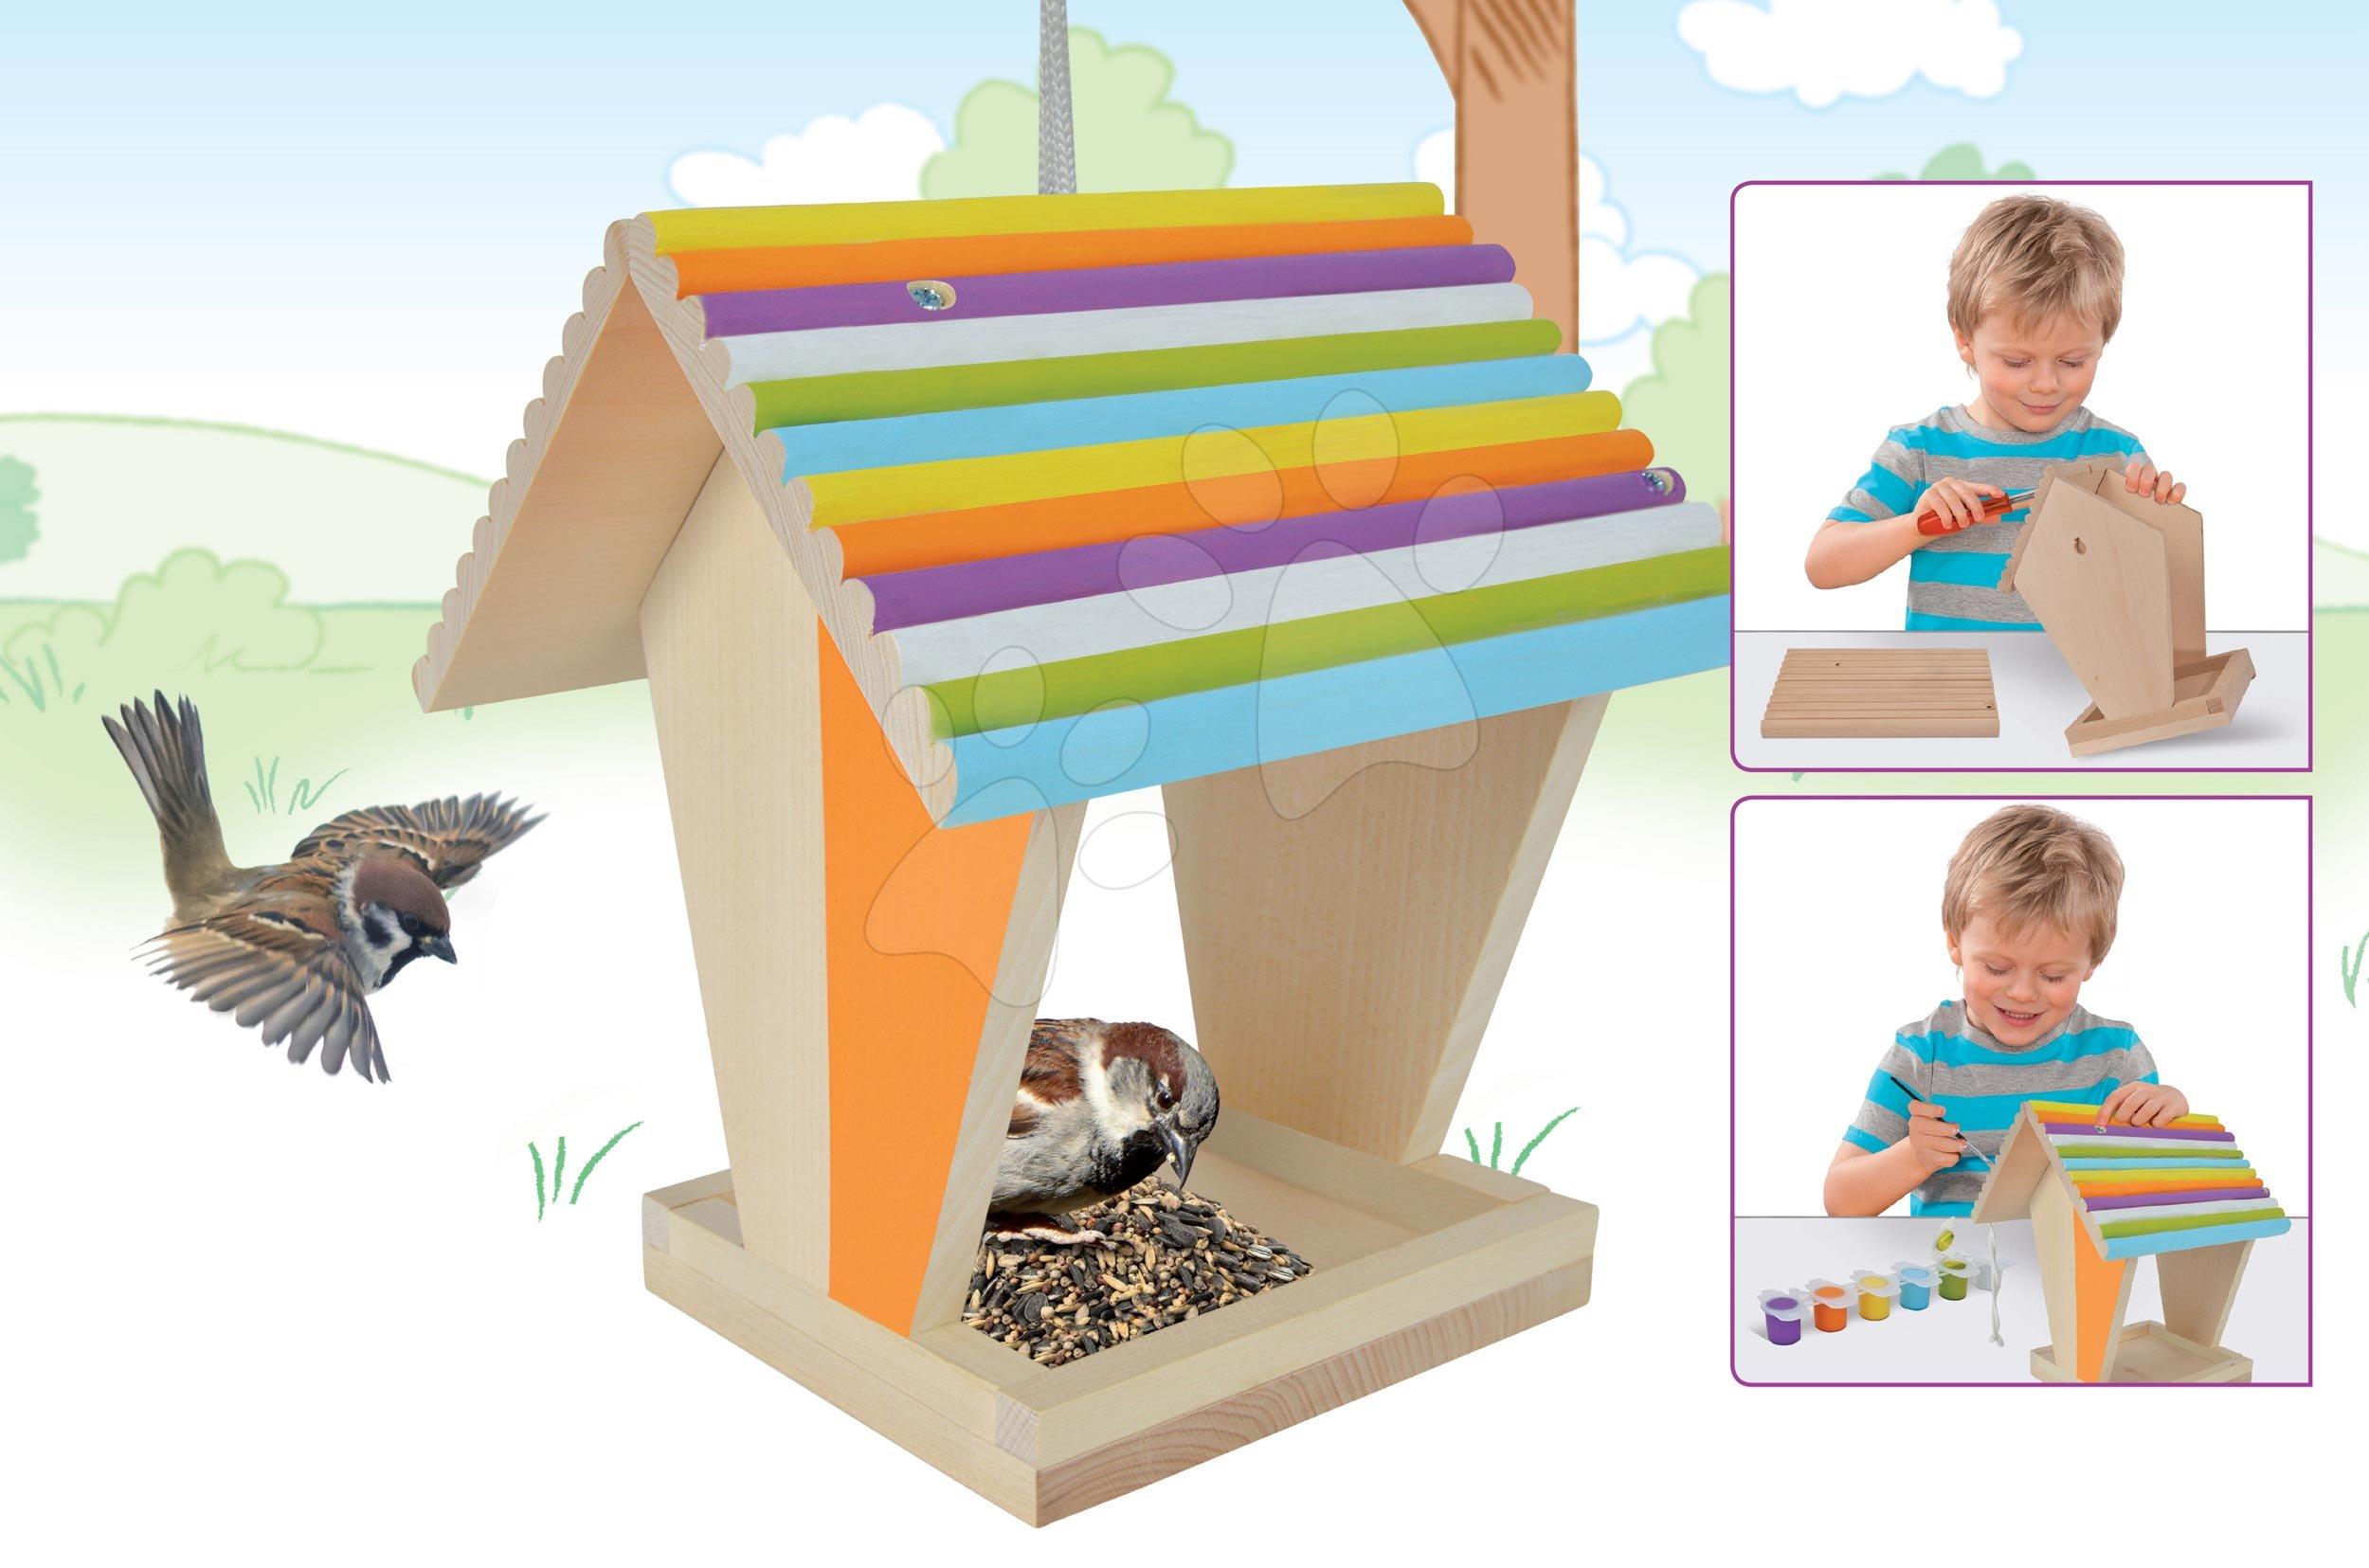 Dřevěné krmítko pro ptáčky Outdoor Feeding House Eichhorn Sestav a vymaluj – se štětcem a barvami od 6 let